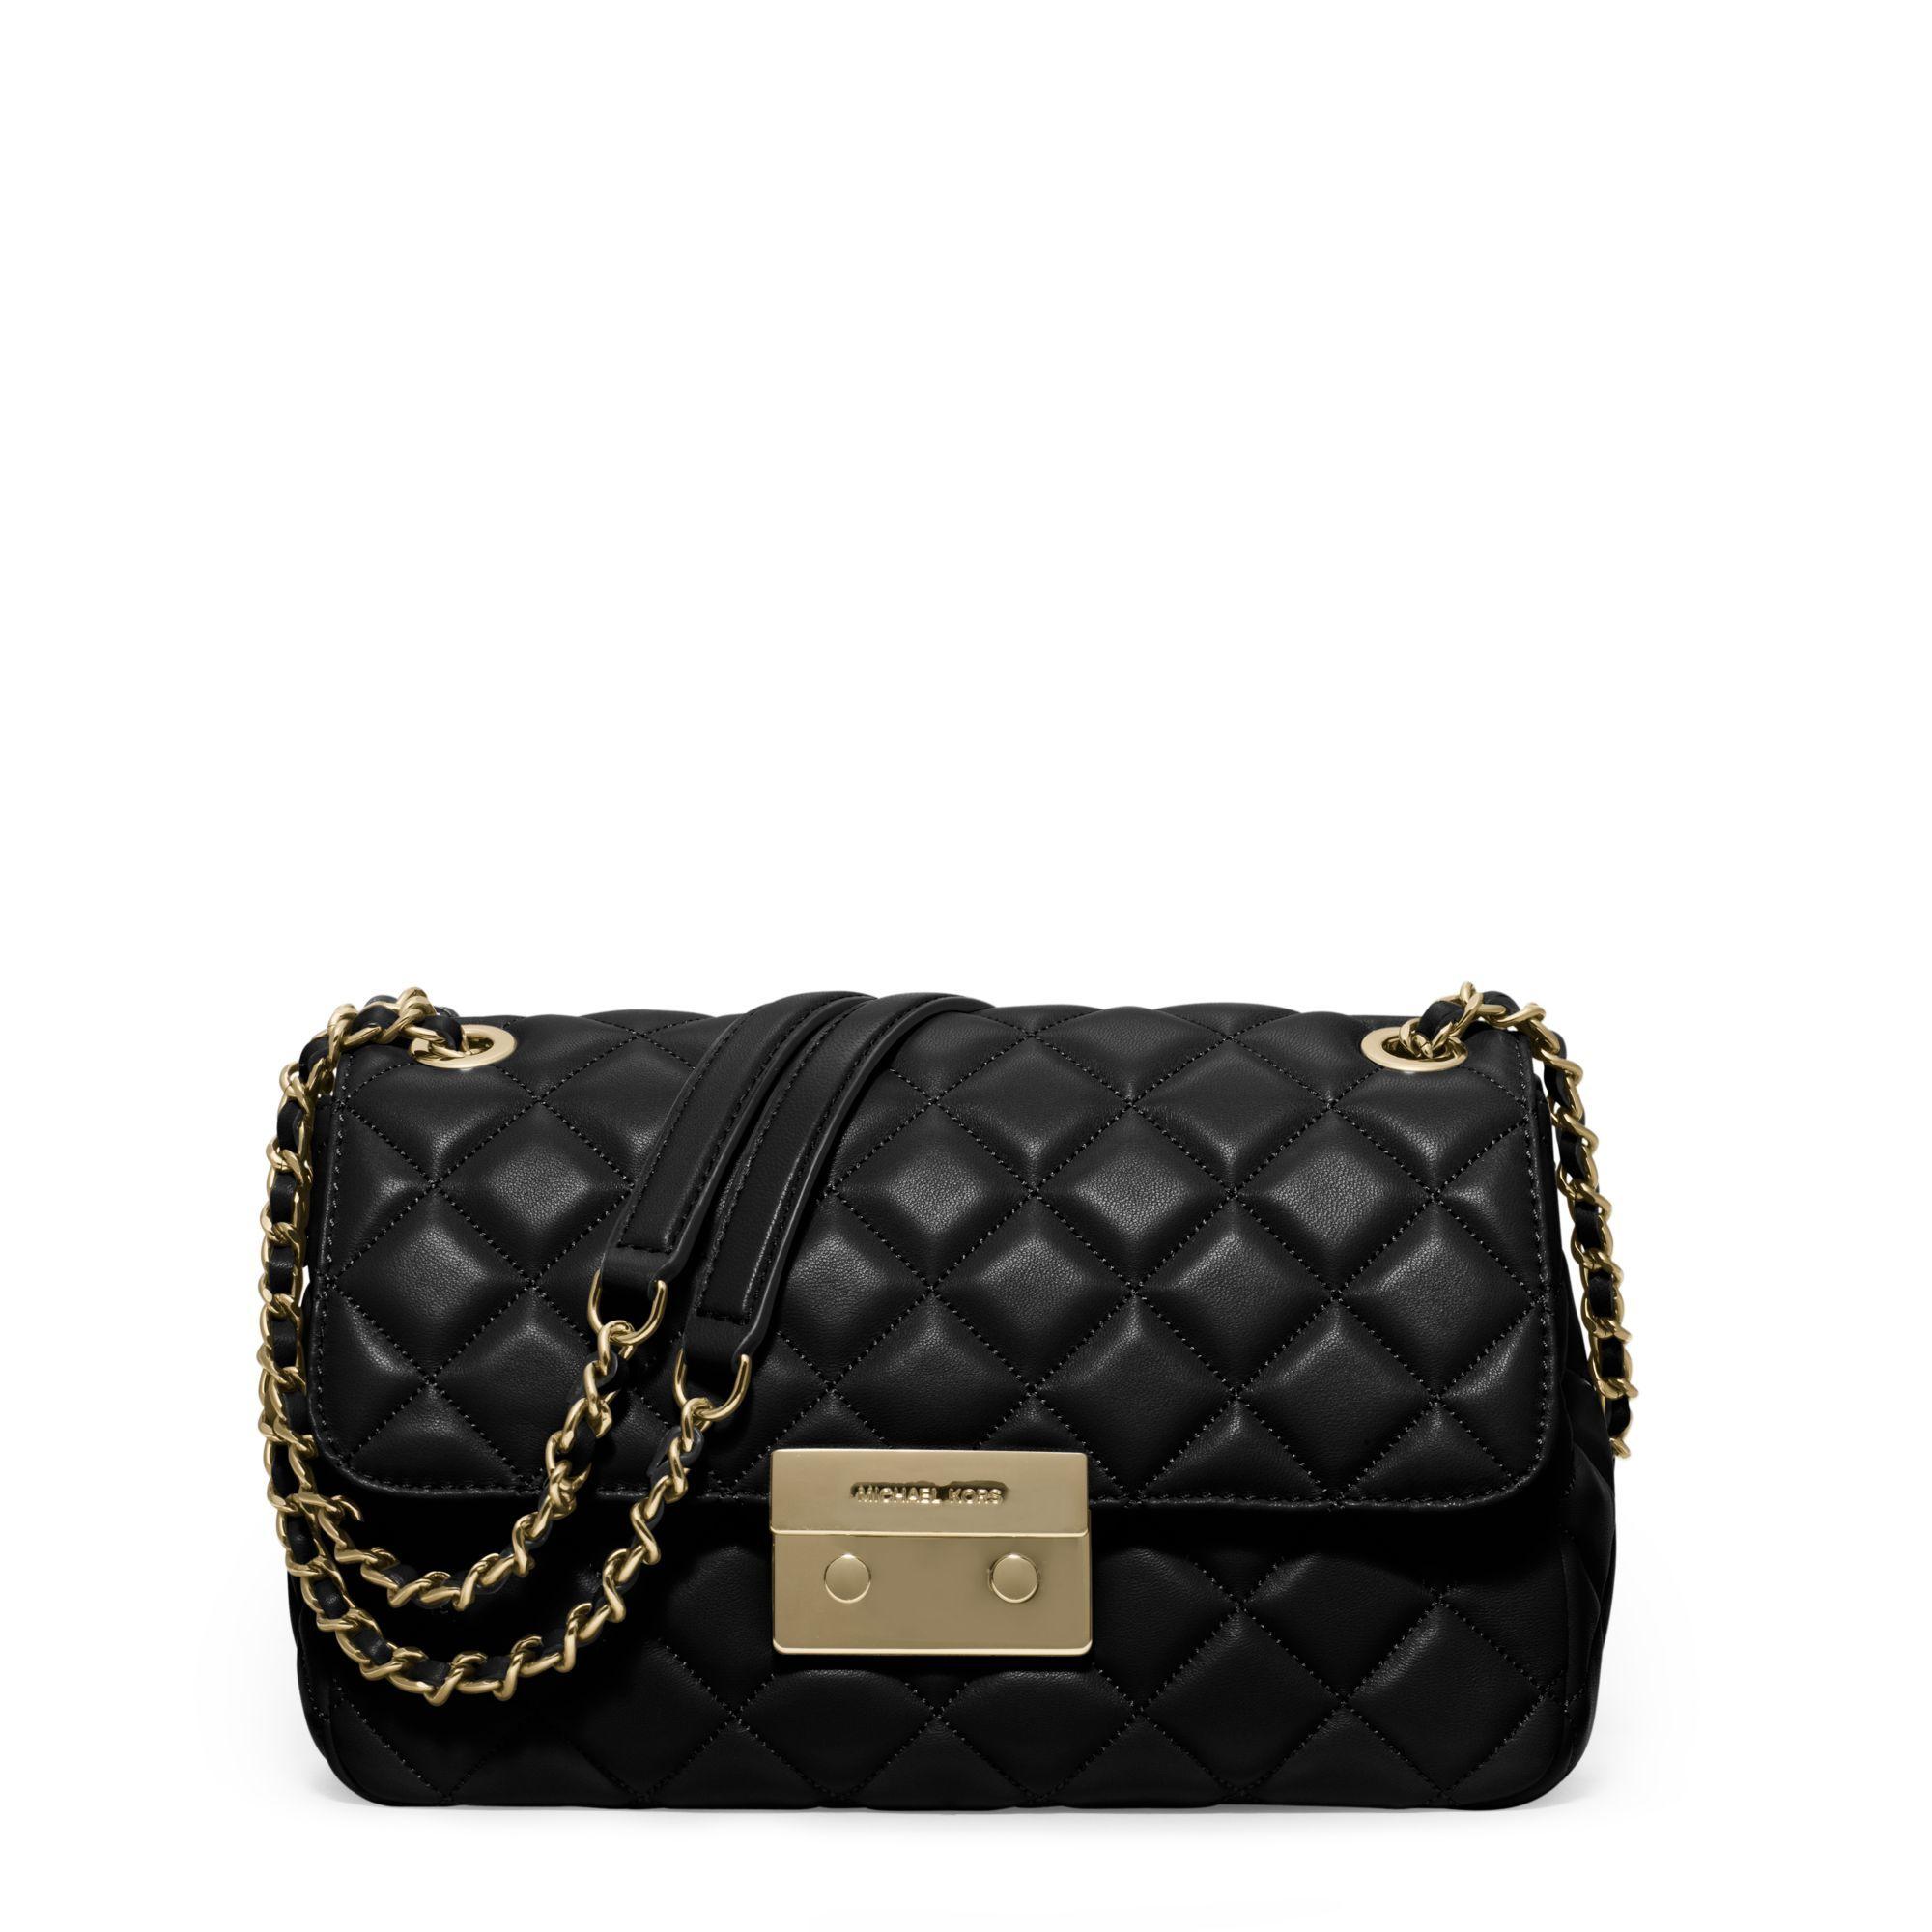 Michael kors black sloan large quilted leather shoulder bag lyst